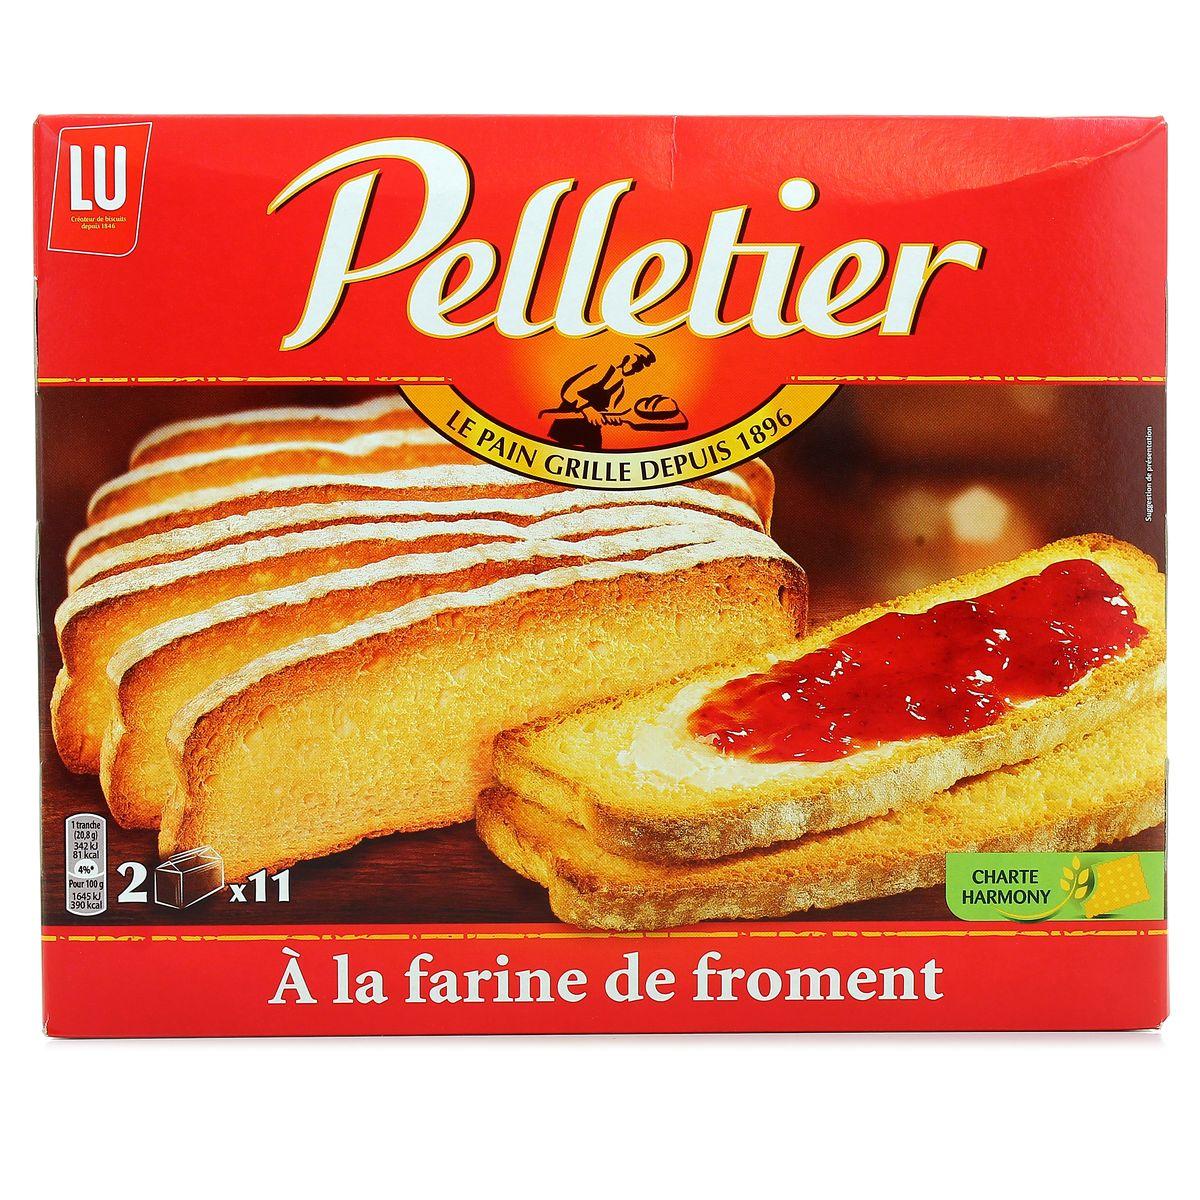 Pain grillé au froment, Pelletier (455 g)